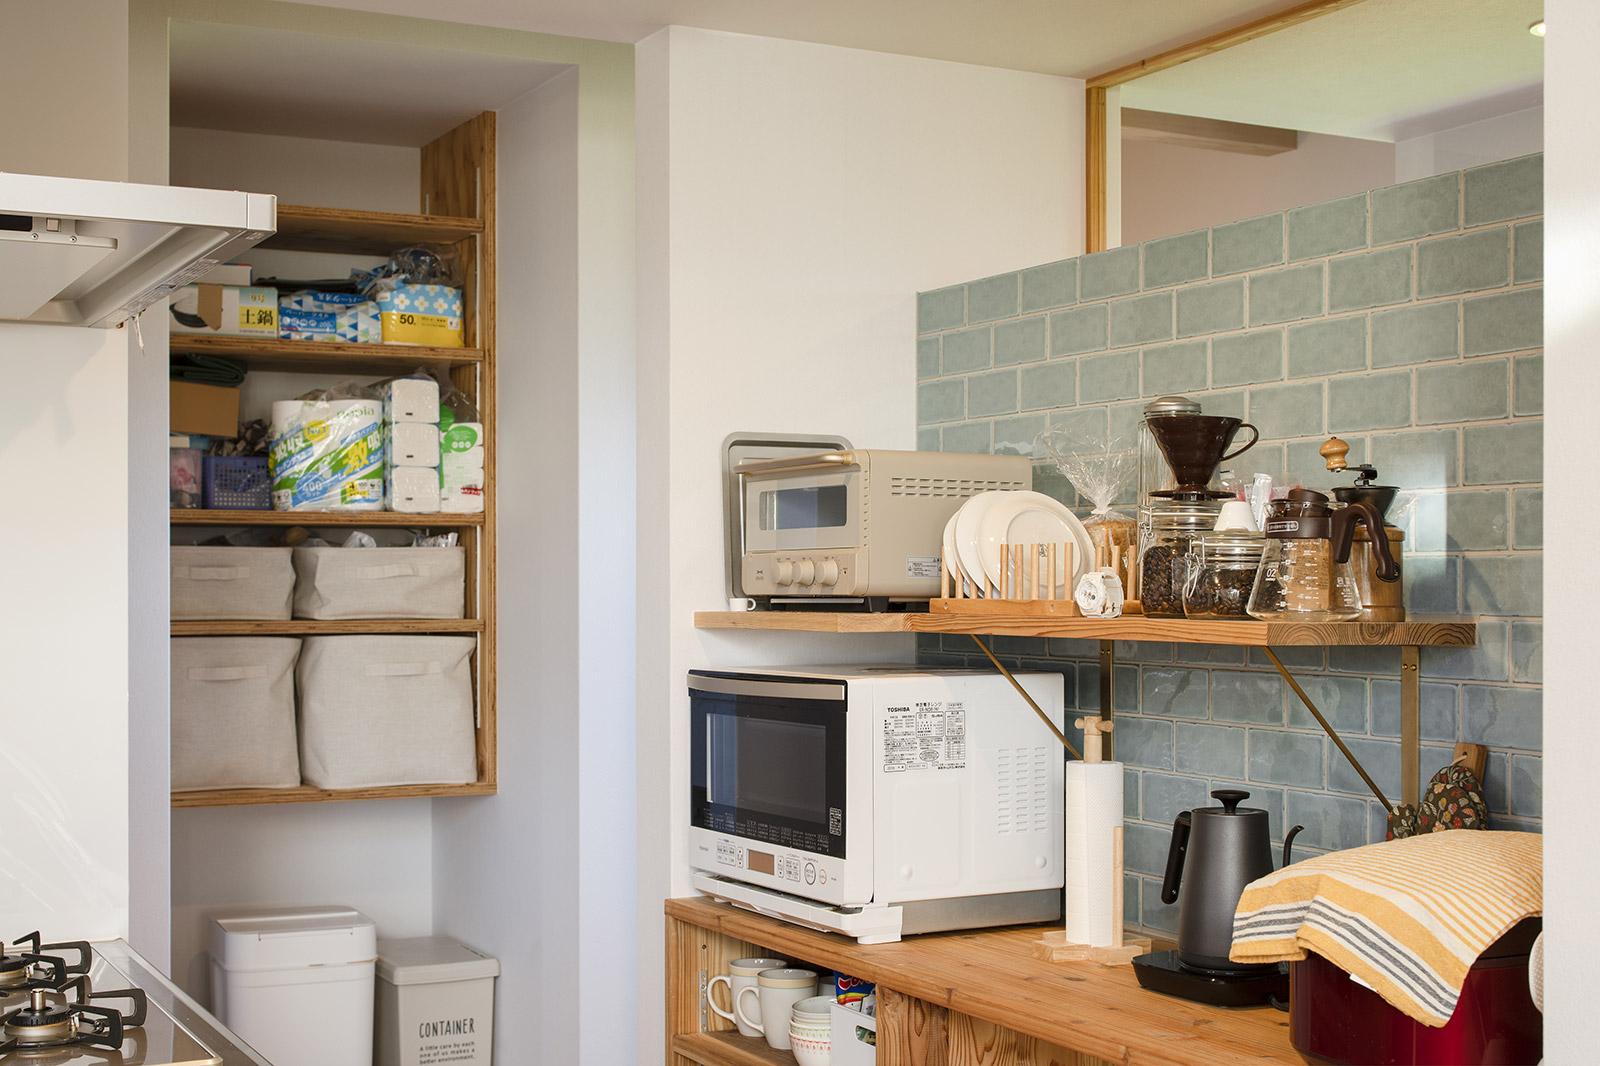 家電やキッチン用品のレイアウトから考えた造作背面収納。施工時により使い勝手を良くするために壁付け棚板の奥行きを一部調整した